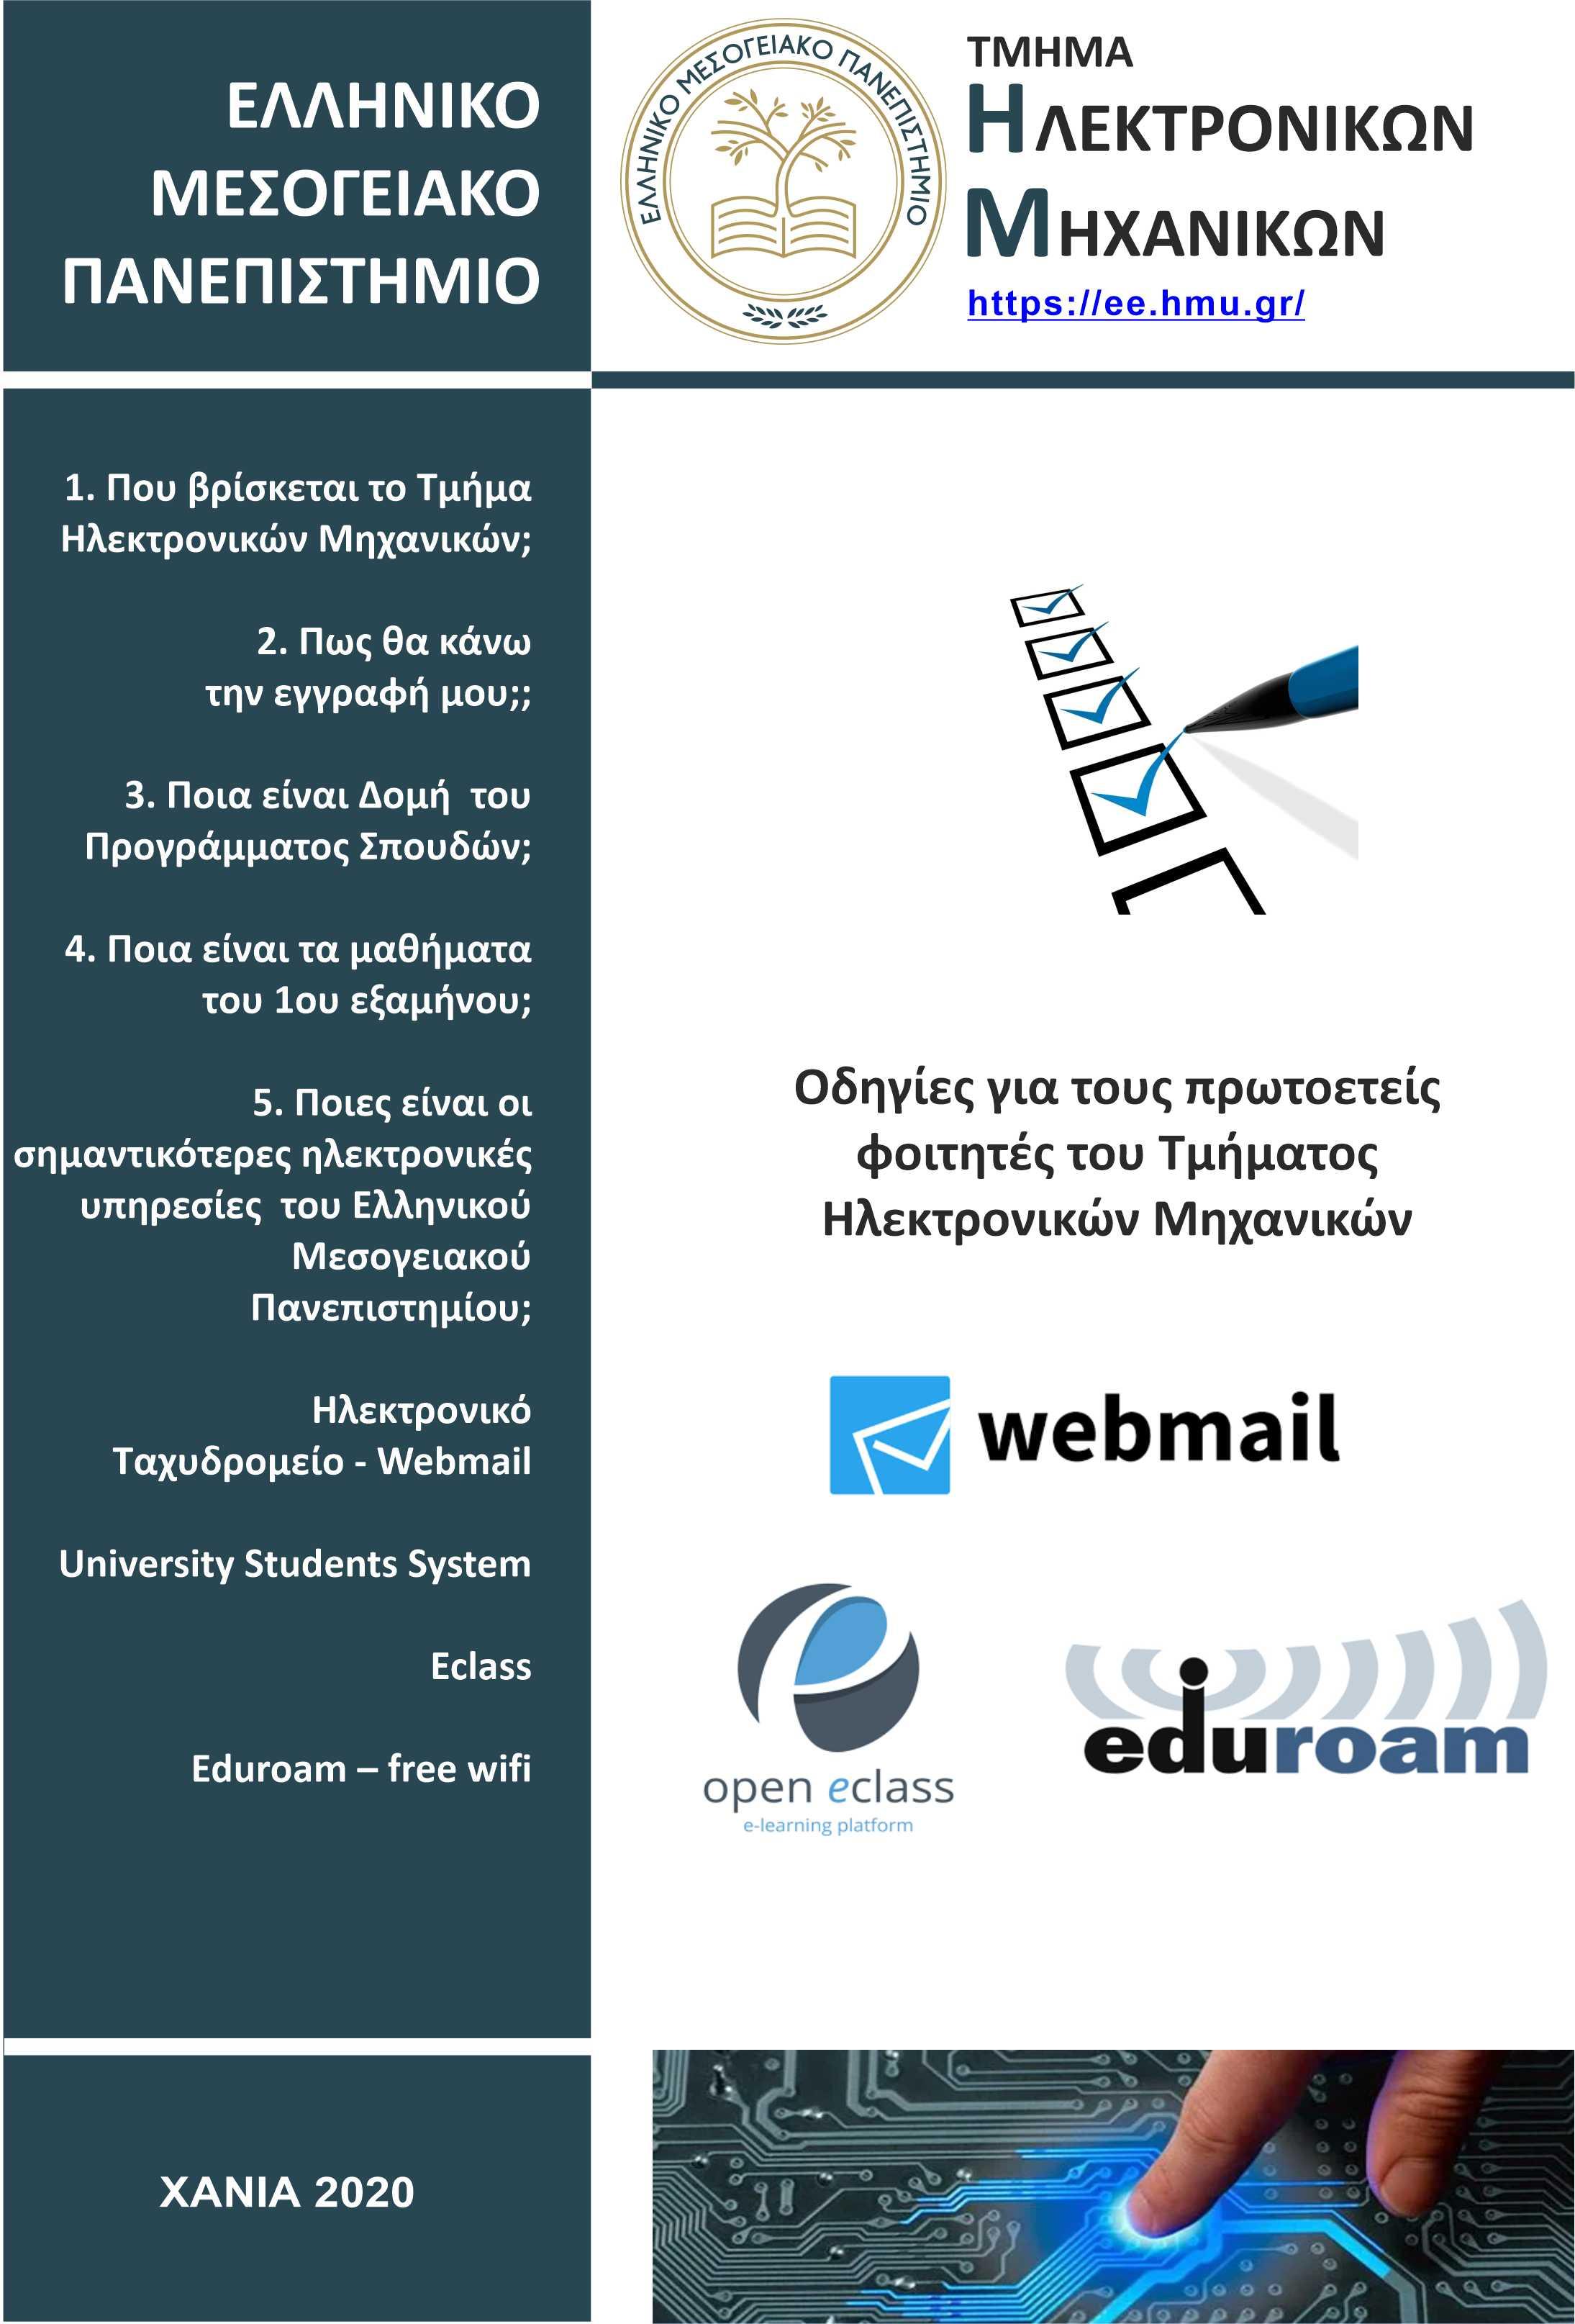 """Ανανεωμένος οδηγός """"επιβίωσης"""" 2020-21 για τους πρωτοετείς φοιτητές του Τμήματος Ηλεκτρονικών Μηχανικών ΕΛΜΕΠΑ"""